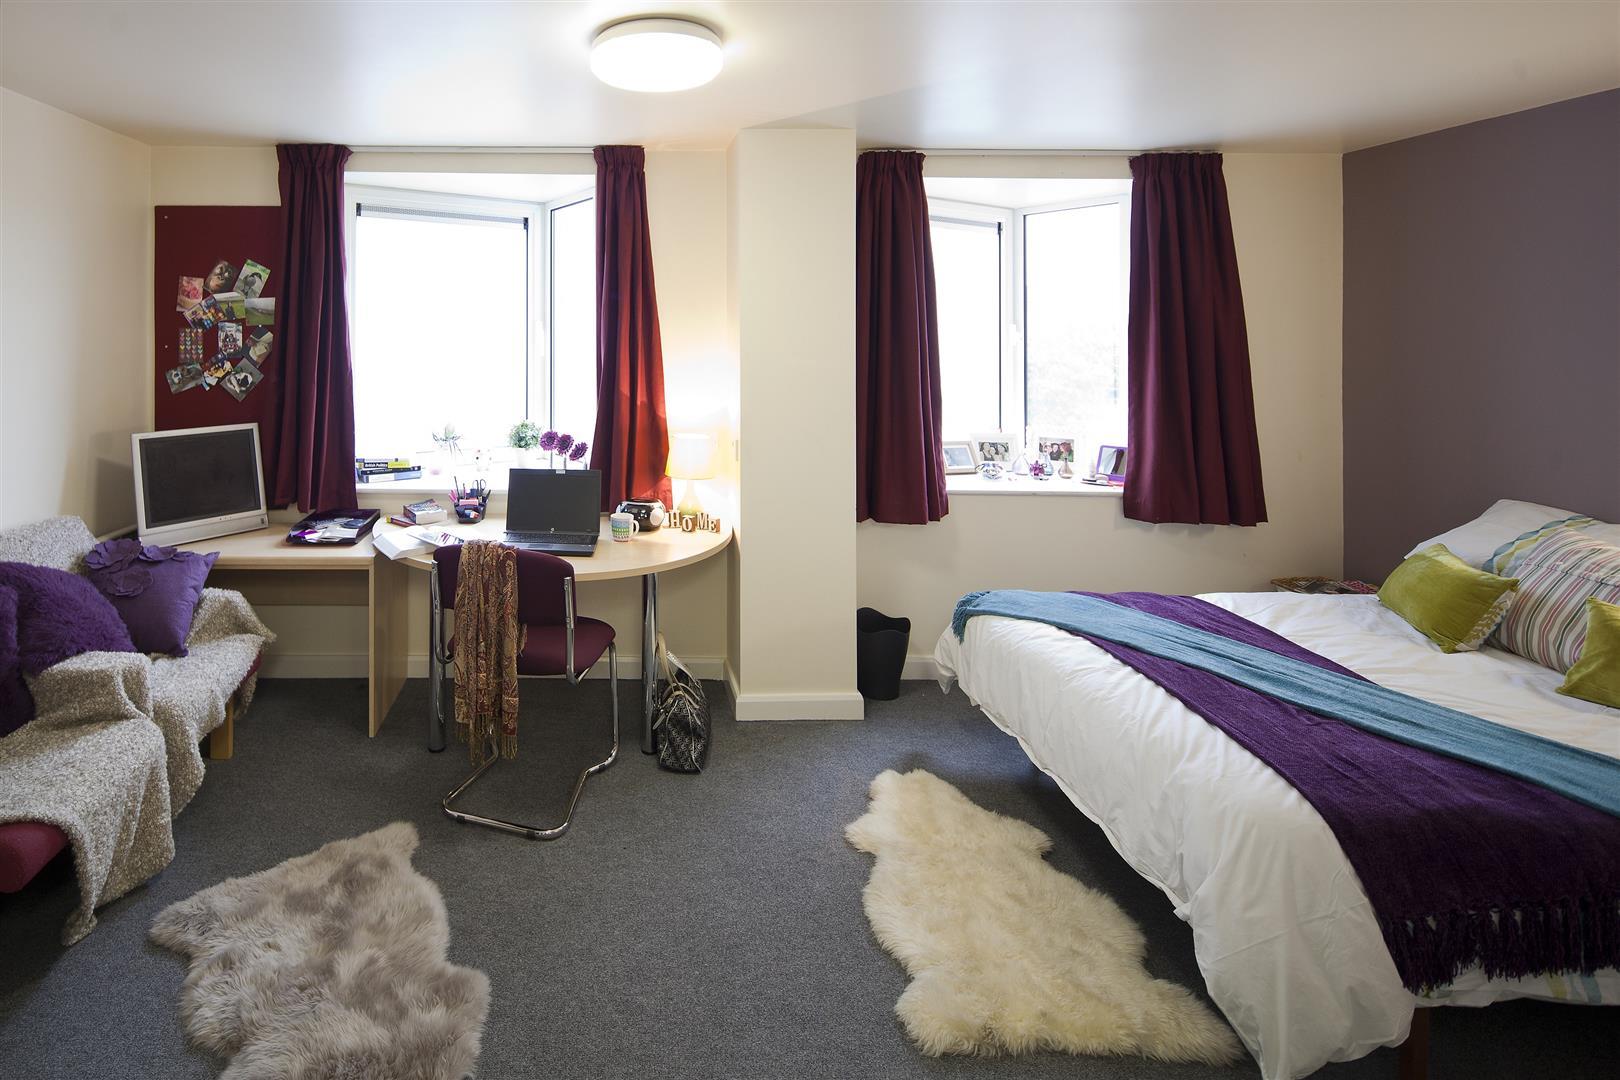 Residencia en el curso de inglés en Leeds, Reino Unido